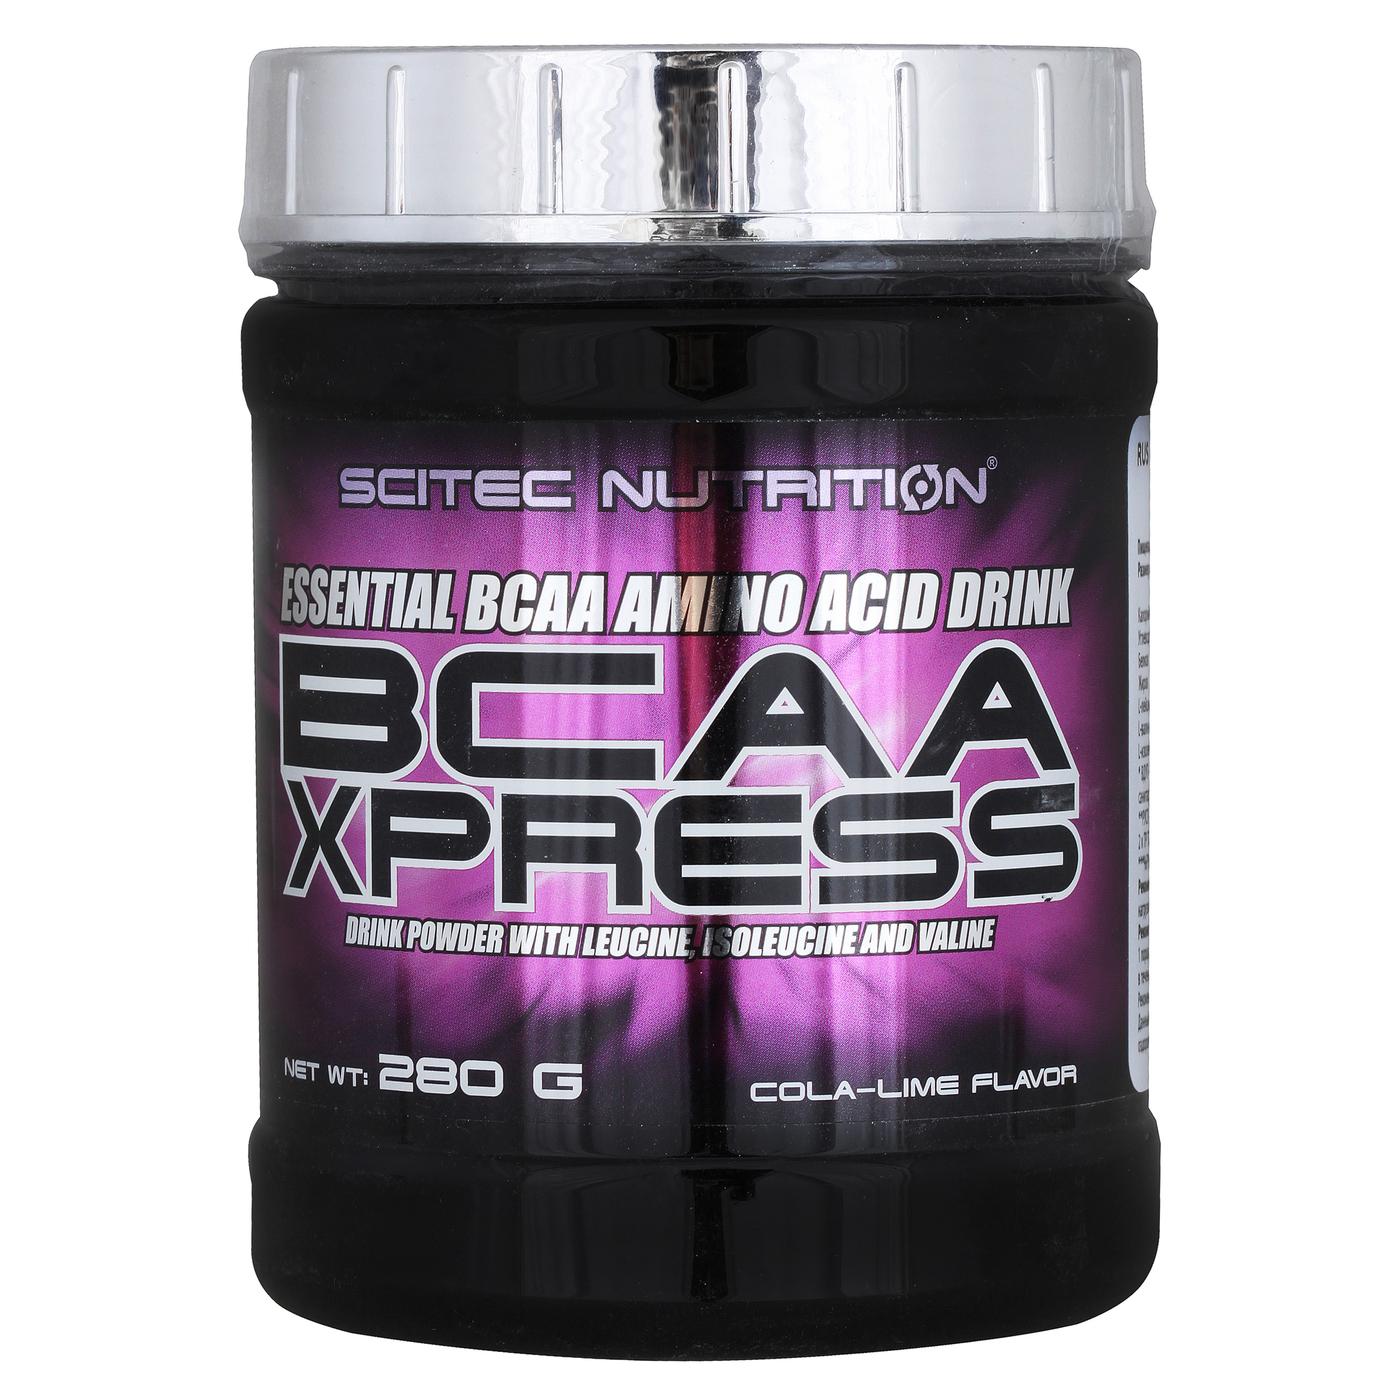 Bcaa xpress 280 гр (scitec nutrition) купить в москве по низкой цене – магазин спортивного питания pitprofi